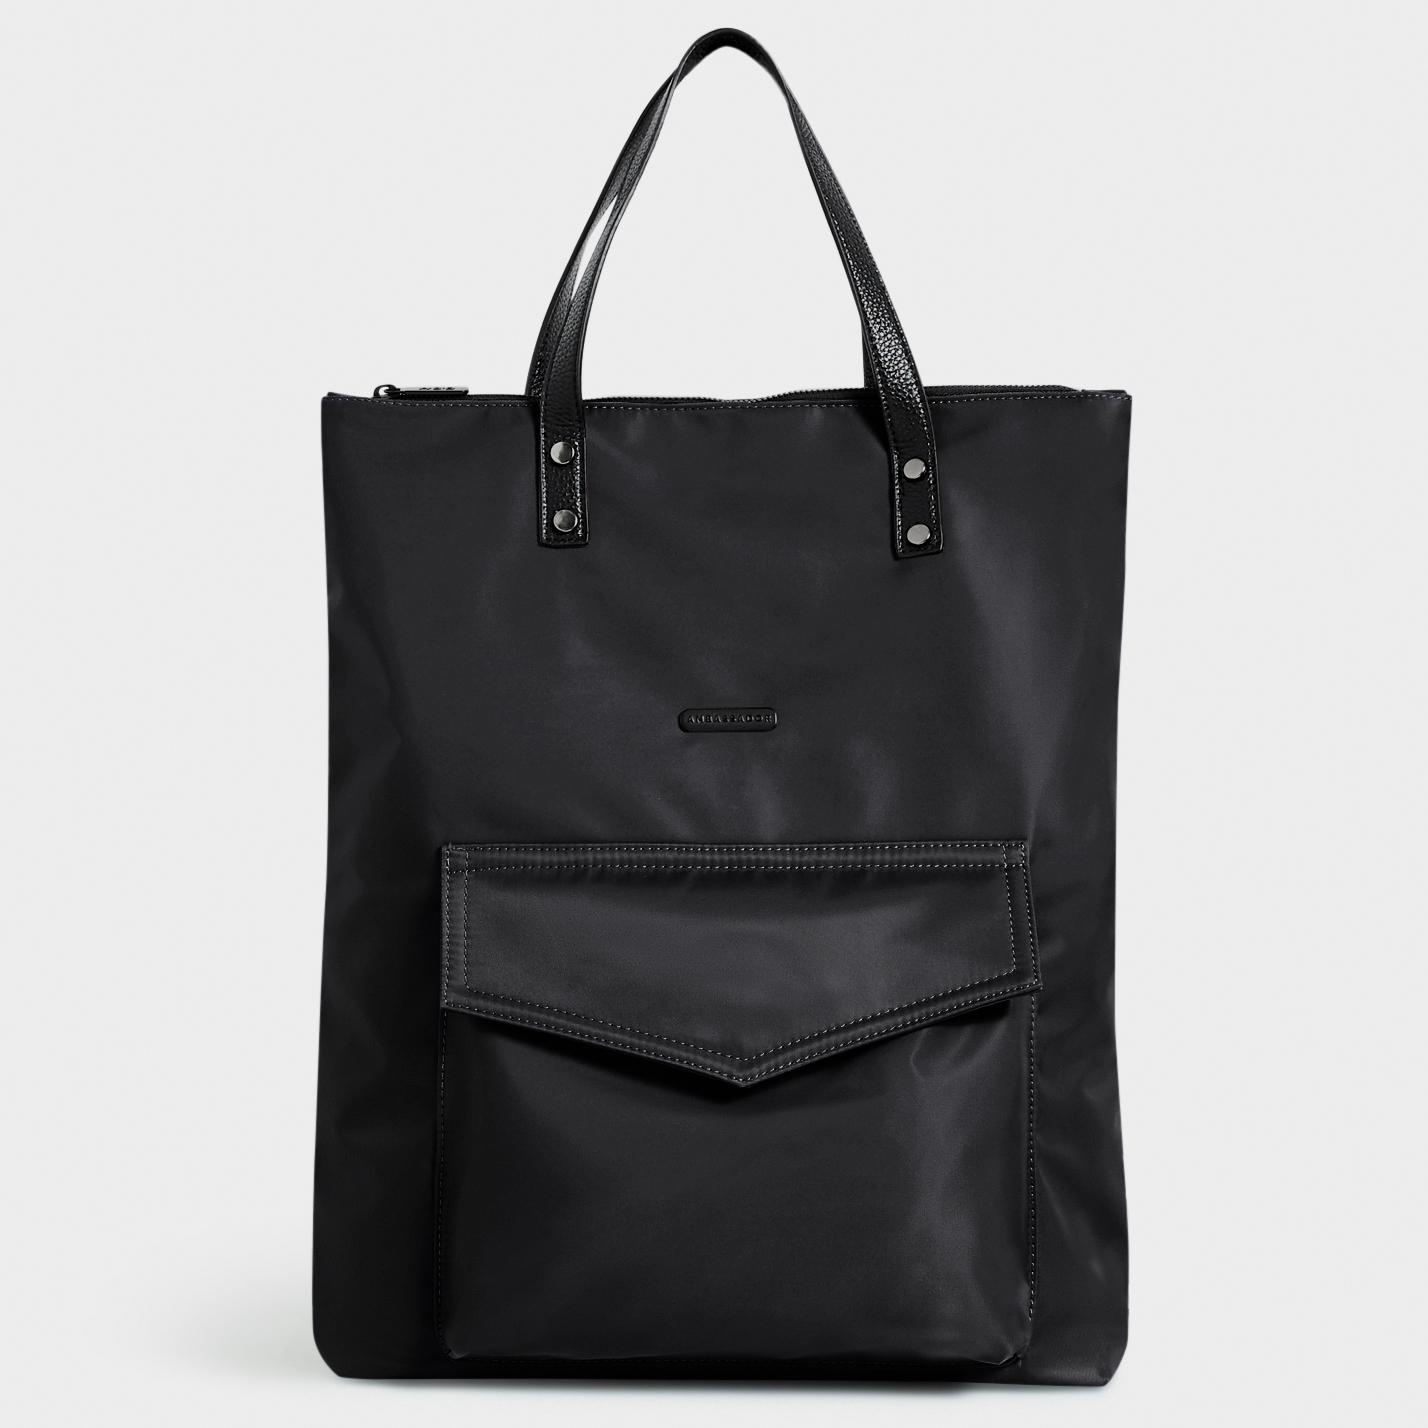 WEEKEND TOTE BAG : Black